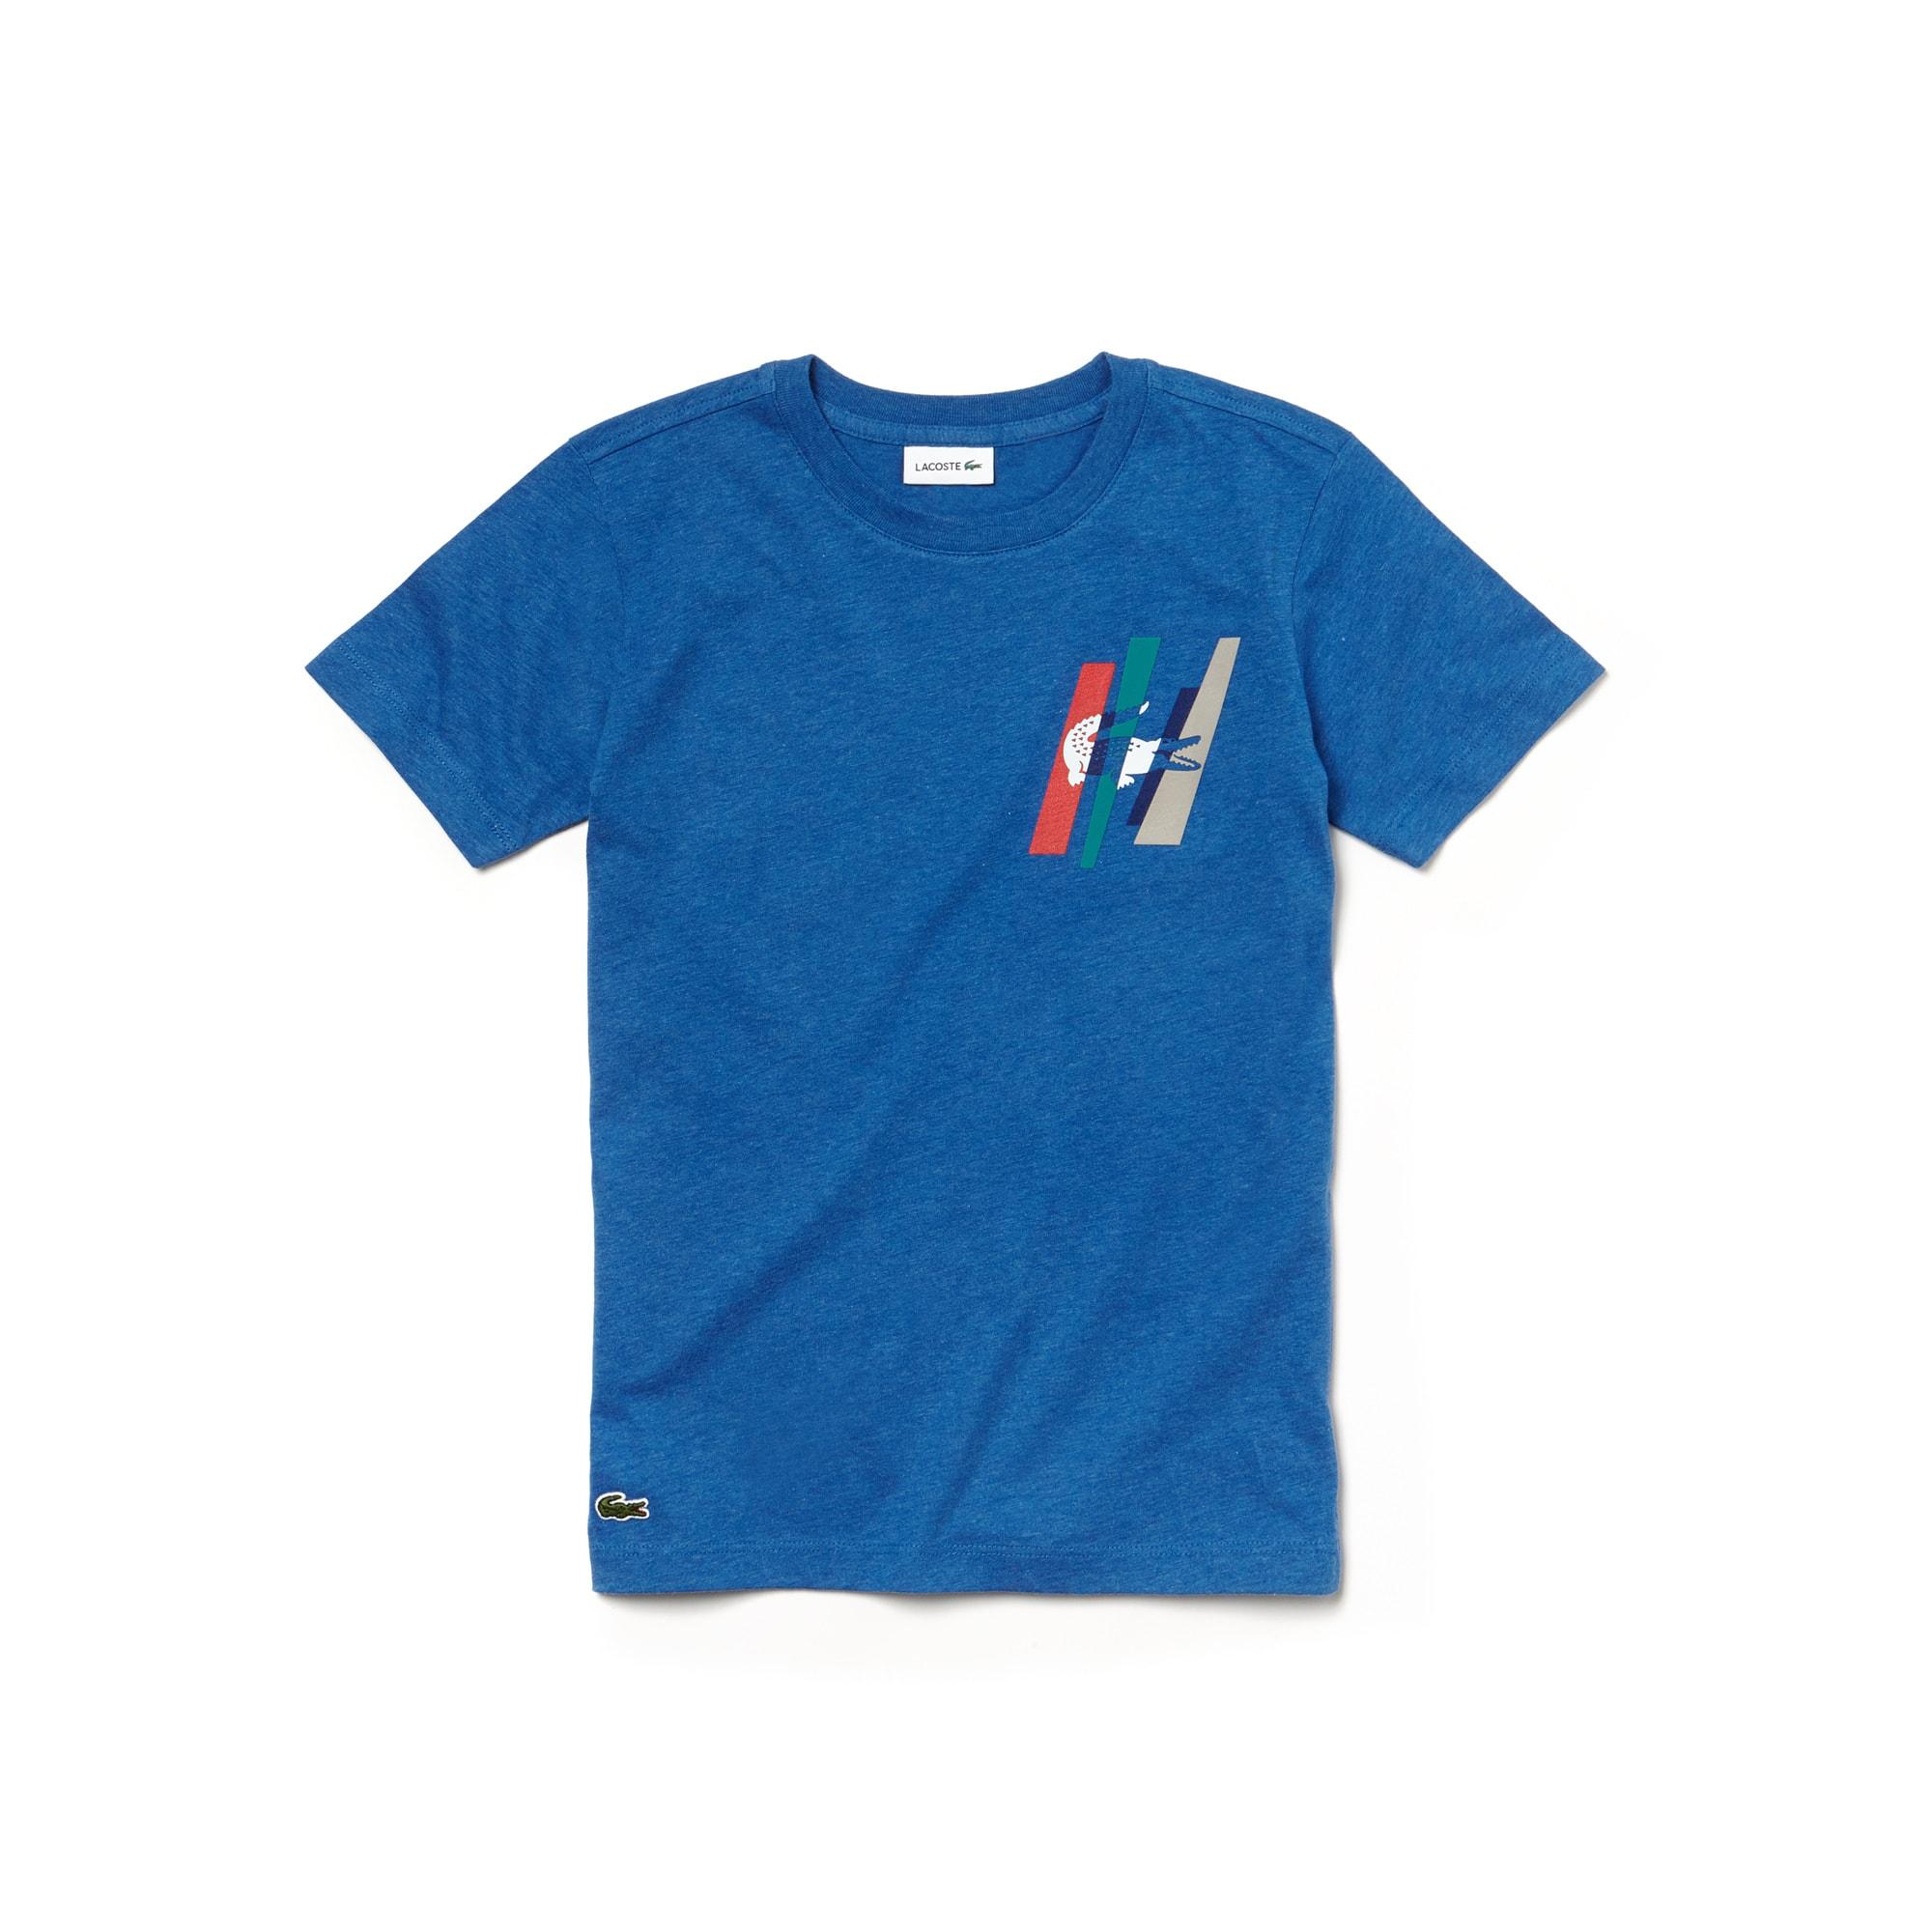 T-shirt Garçon col rond en jersey uni avec marquage